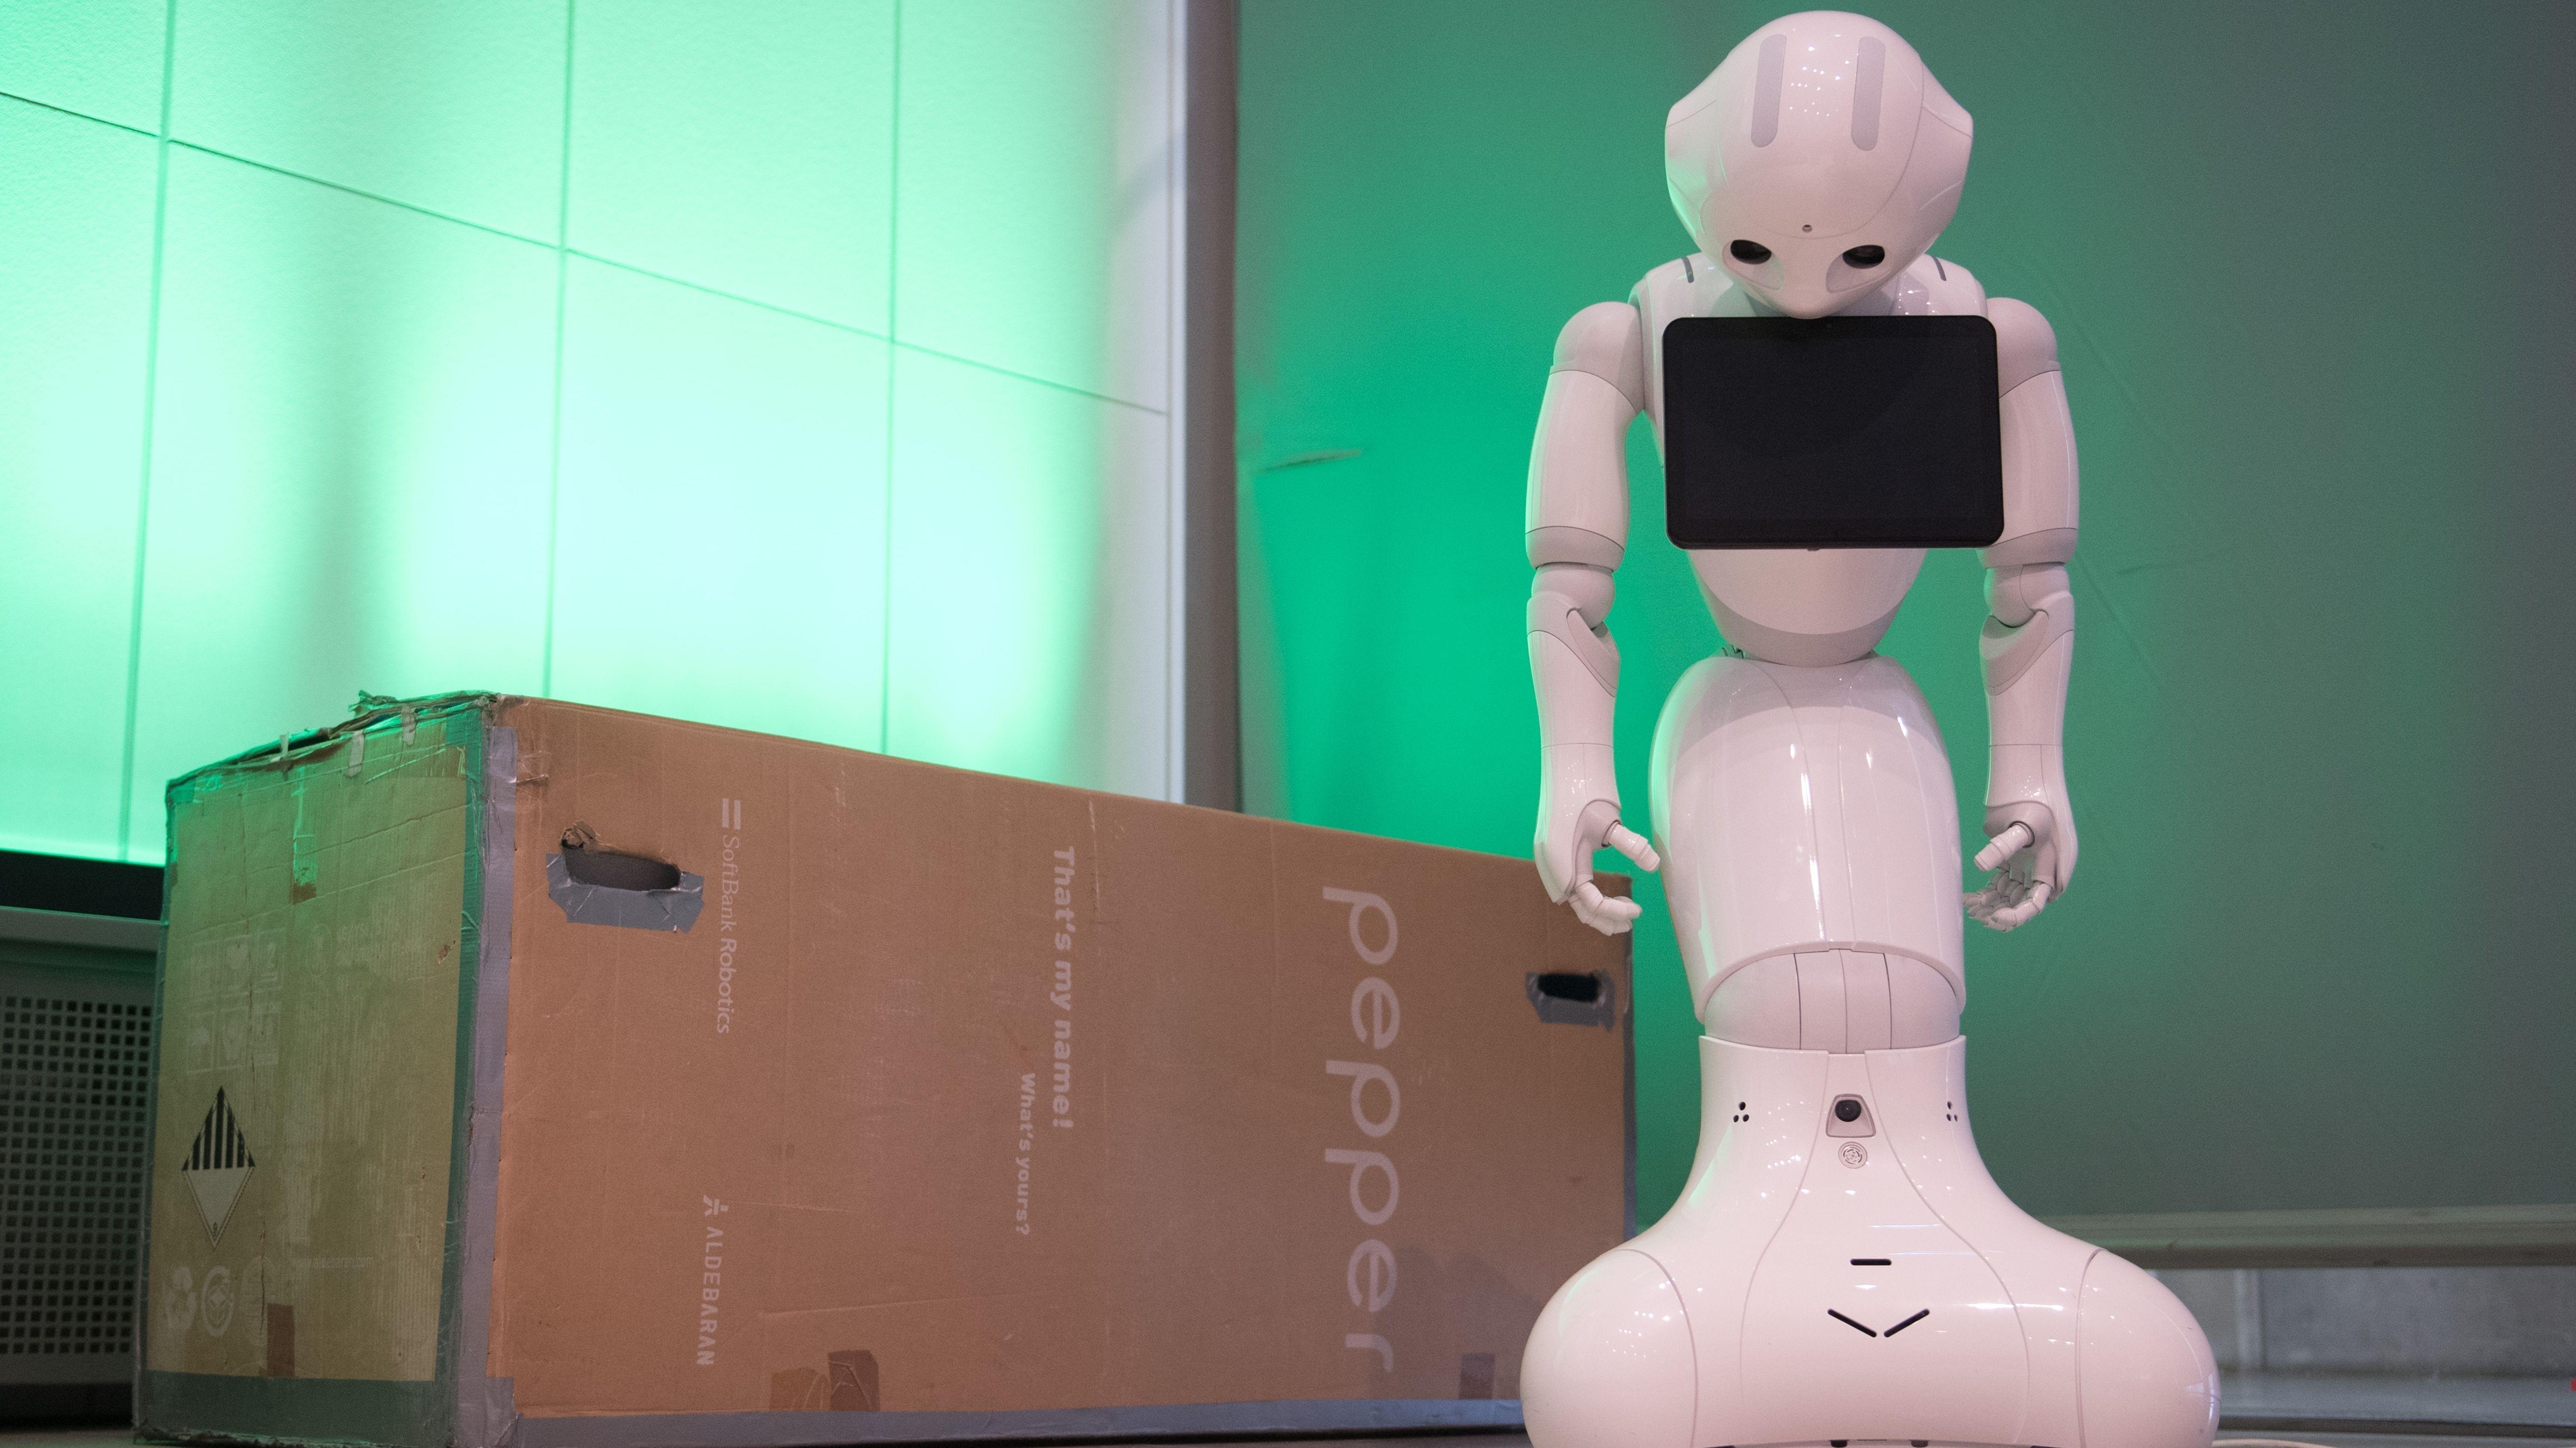 Der Roboter Pepper